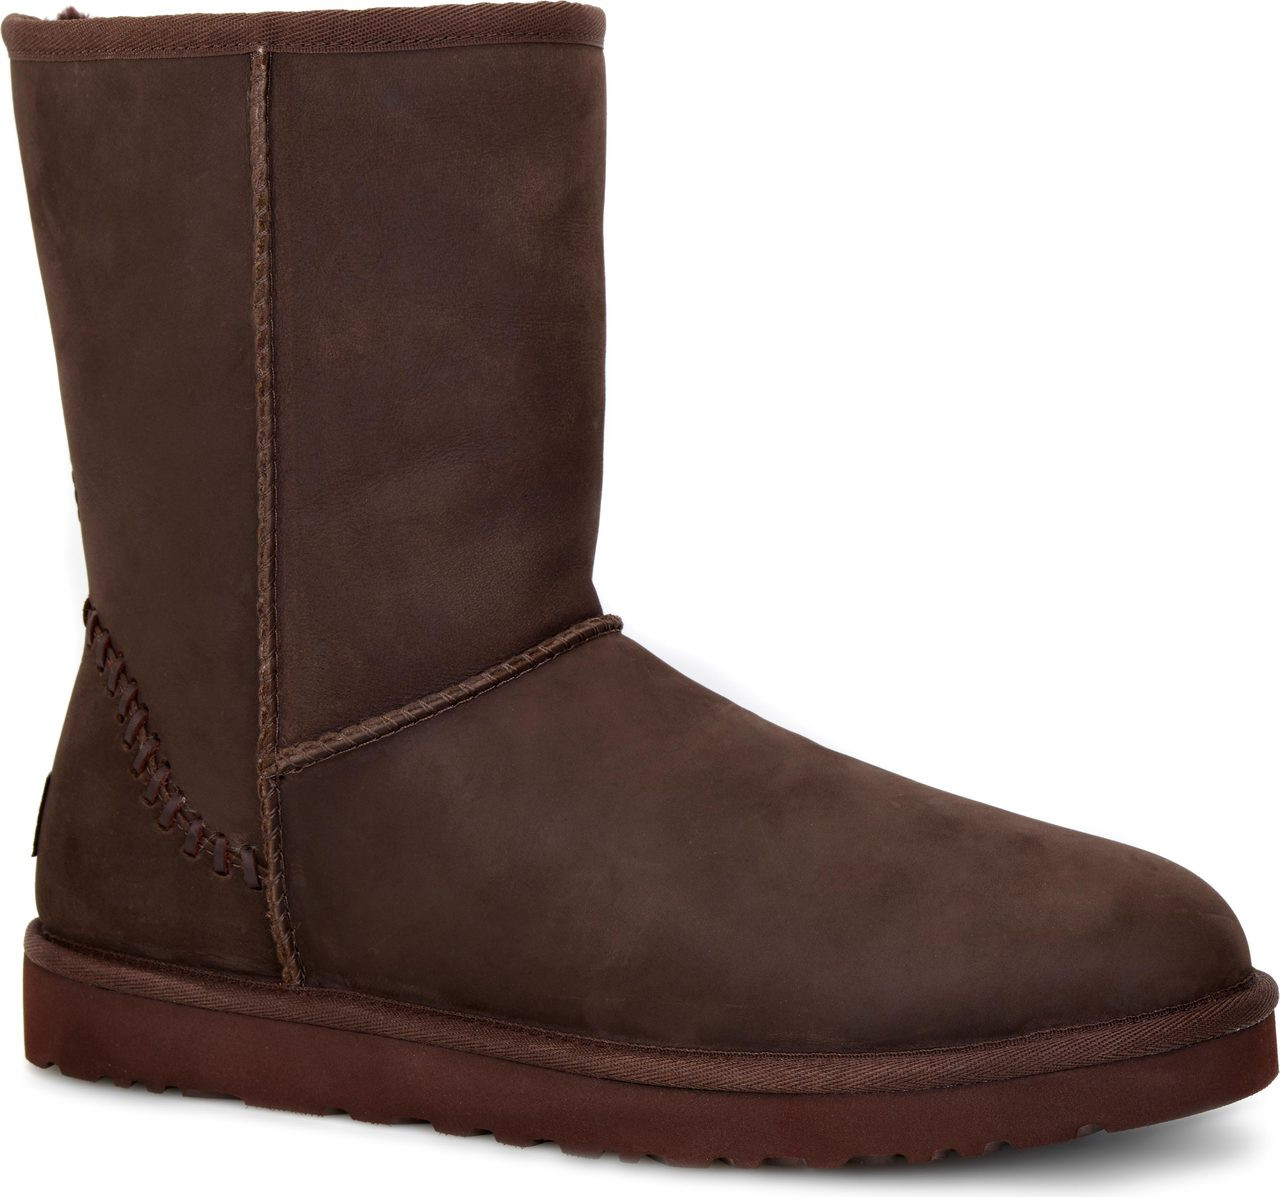 australian sheepskin ugg boots ugg website ugg classic boot. Black Bedroom Furniture Sets. Home Design Ideas